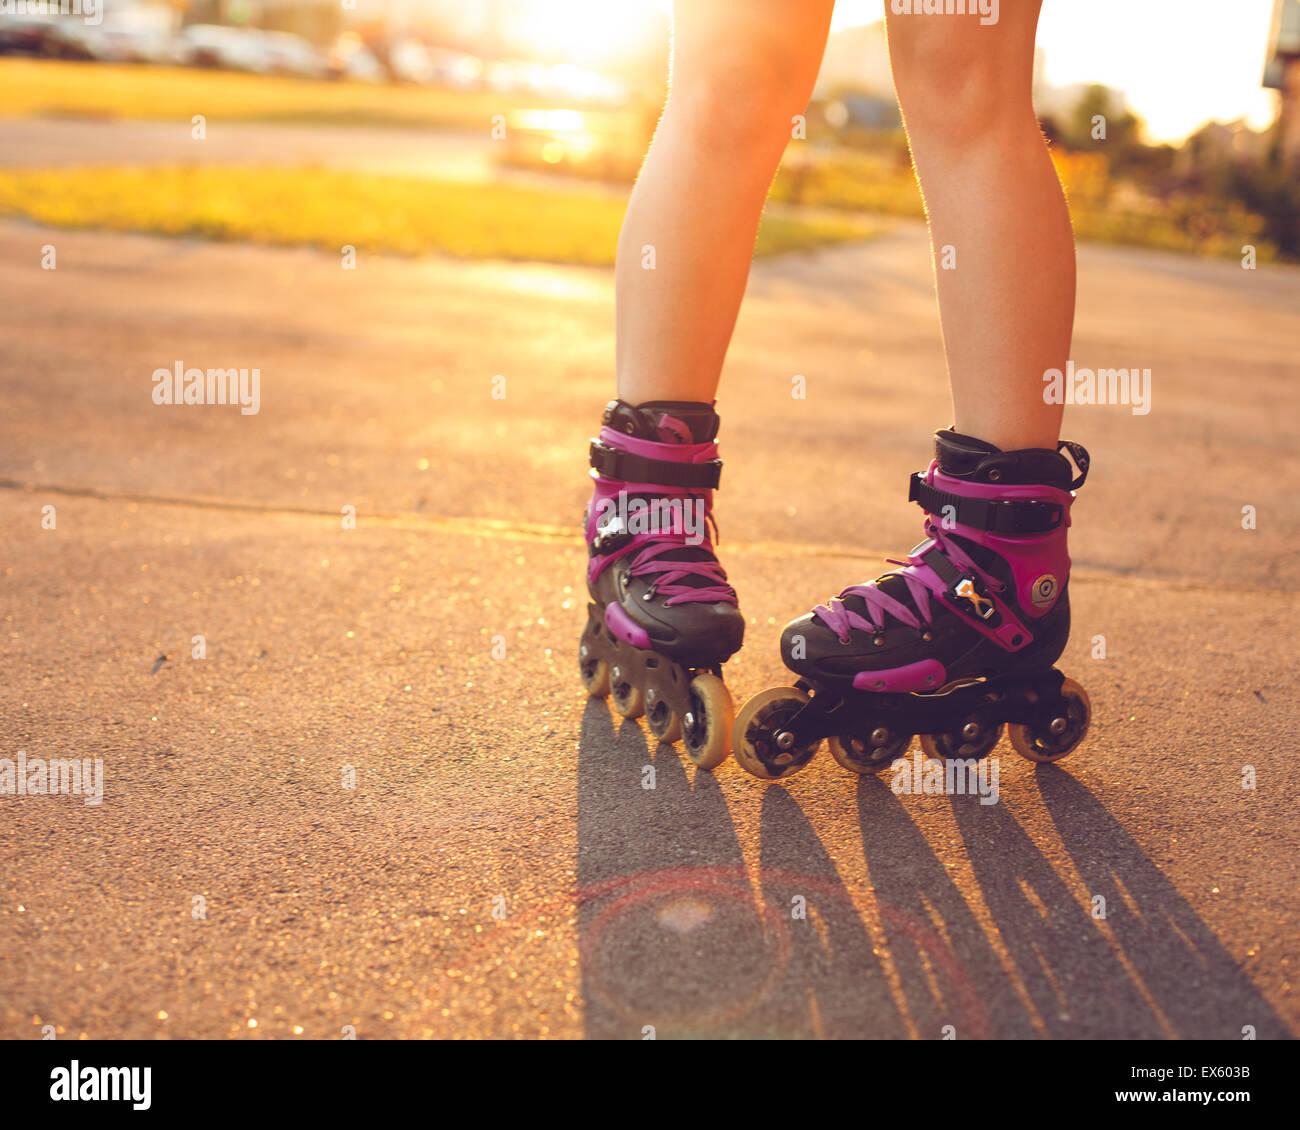 Cerrar sobre patines zapatos Imagen De Stock